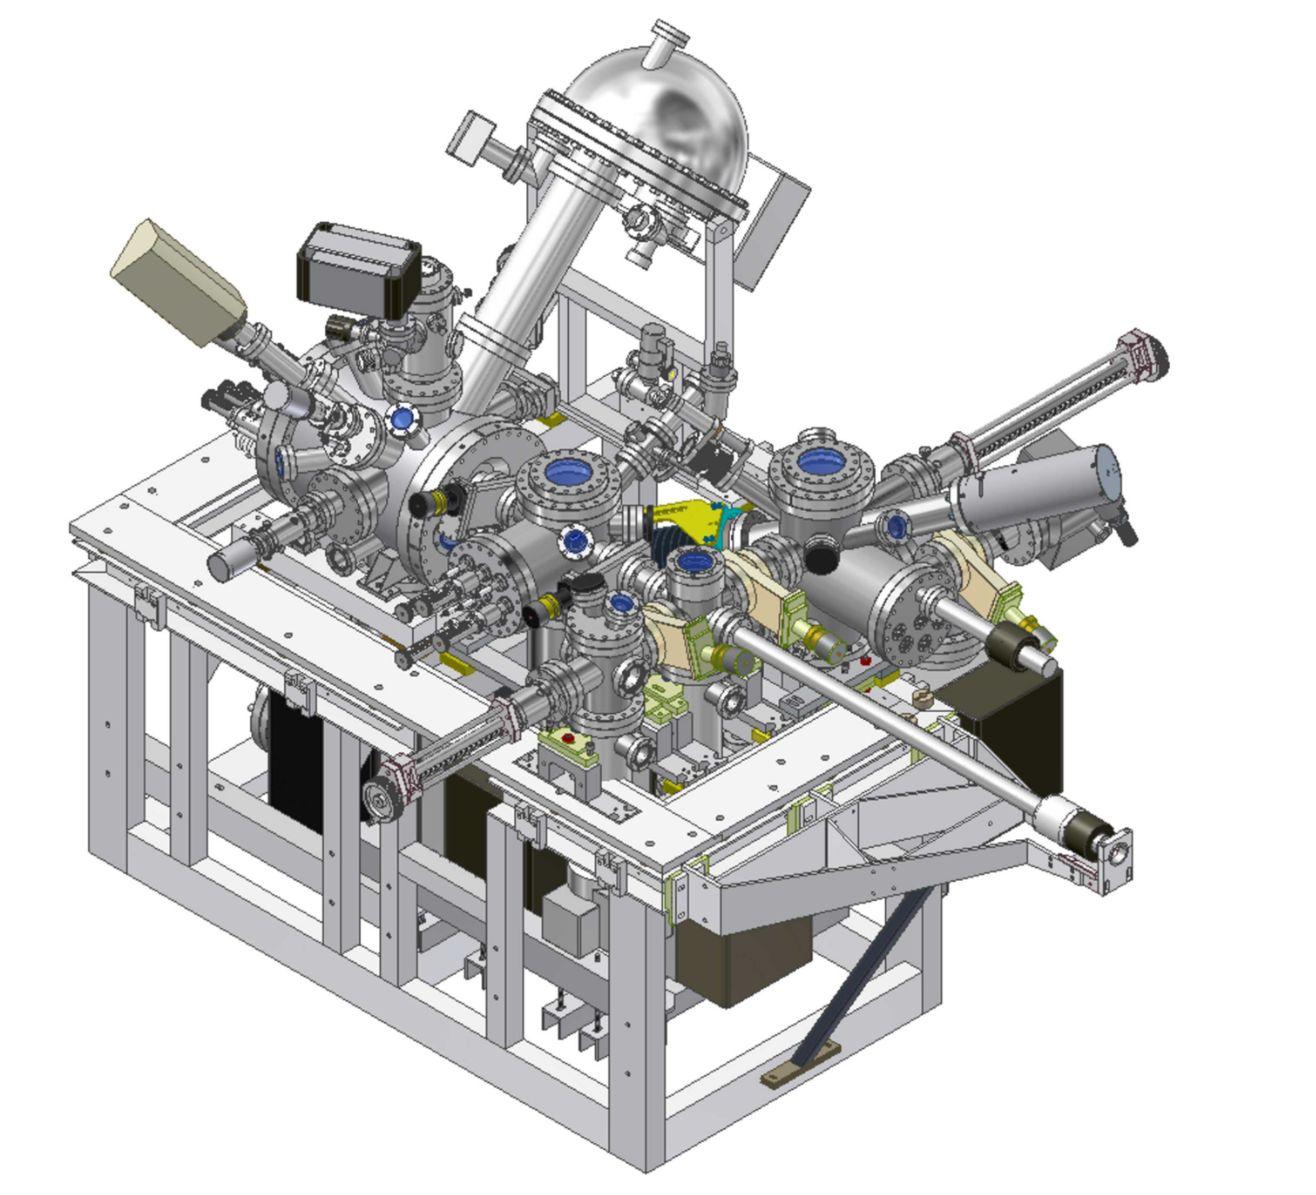 Rastrovací mikroskop UHV SLEEM-II s pomalými elektrony pro studium atomově čistých povrchů v ultravysokém vakuu.